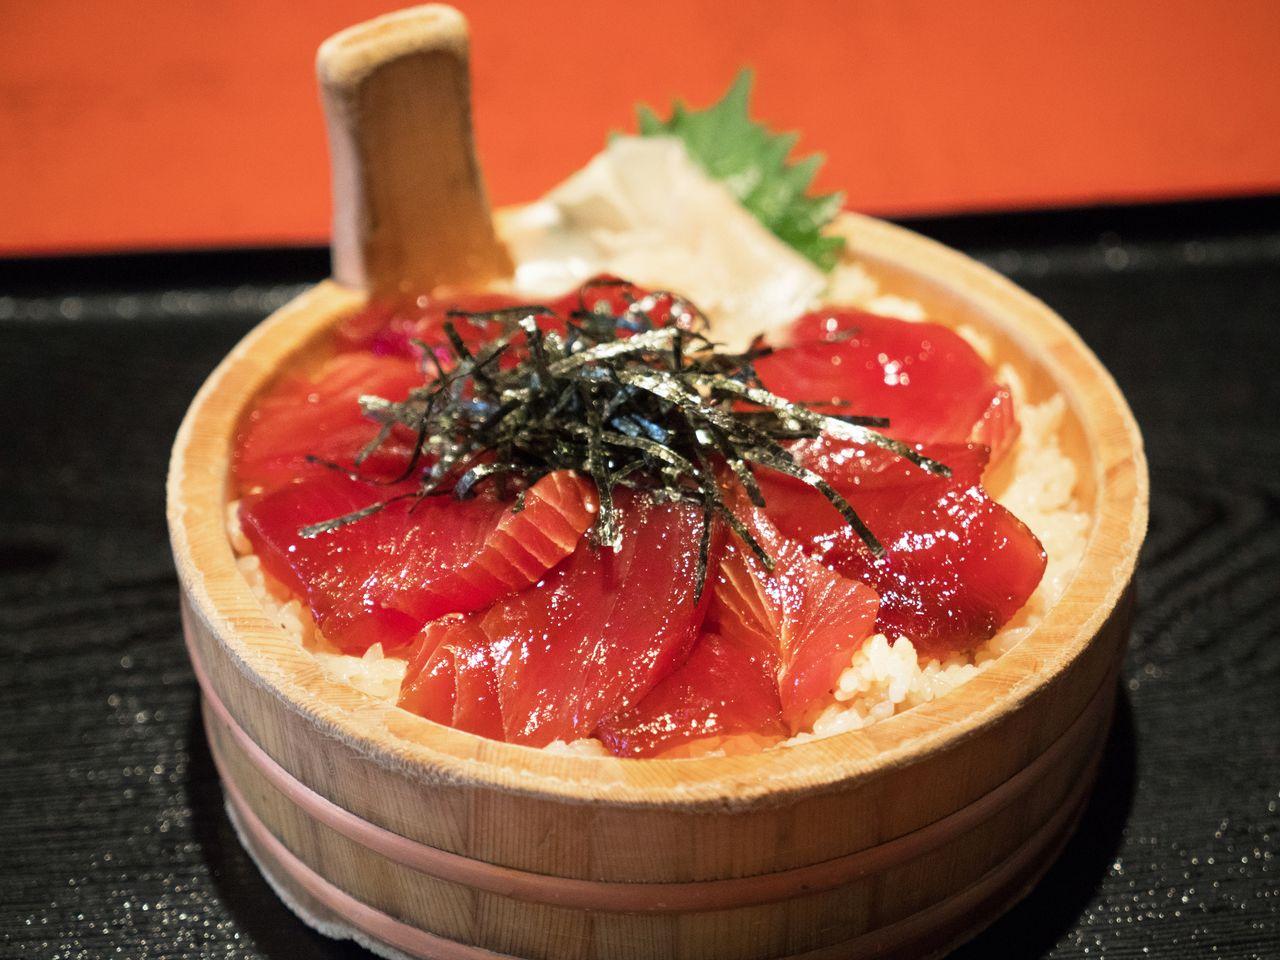 Тэконэ-дзуси подаётся в тэокэ – деревянном сервировочном сосуде в форме ковша